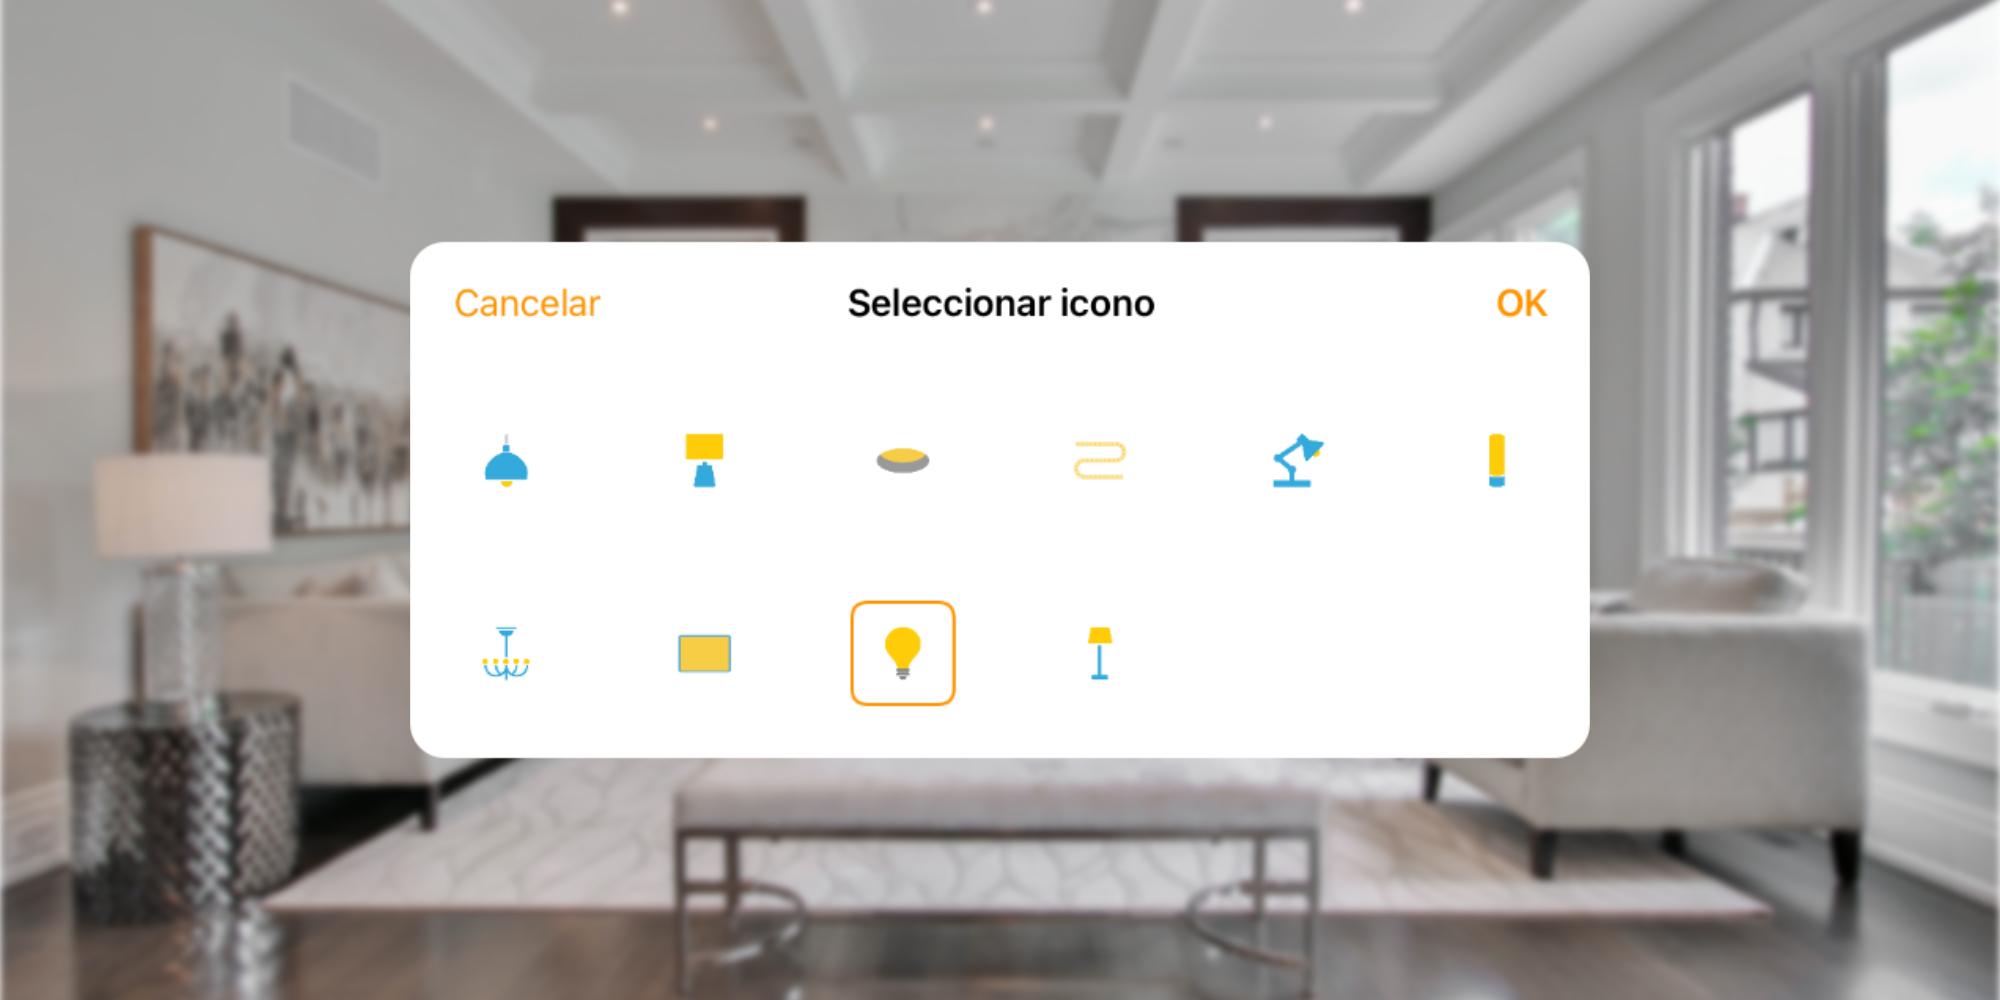 Así podemos personalizar los iconos de los accesorios HomeKit de la app Casa de nuestro iPhone, iPad o Mac